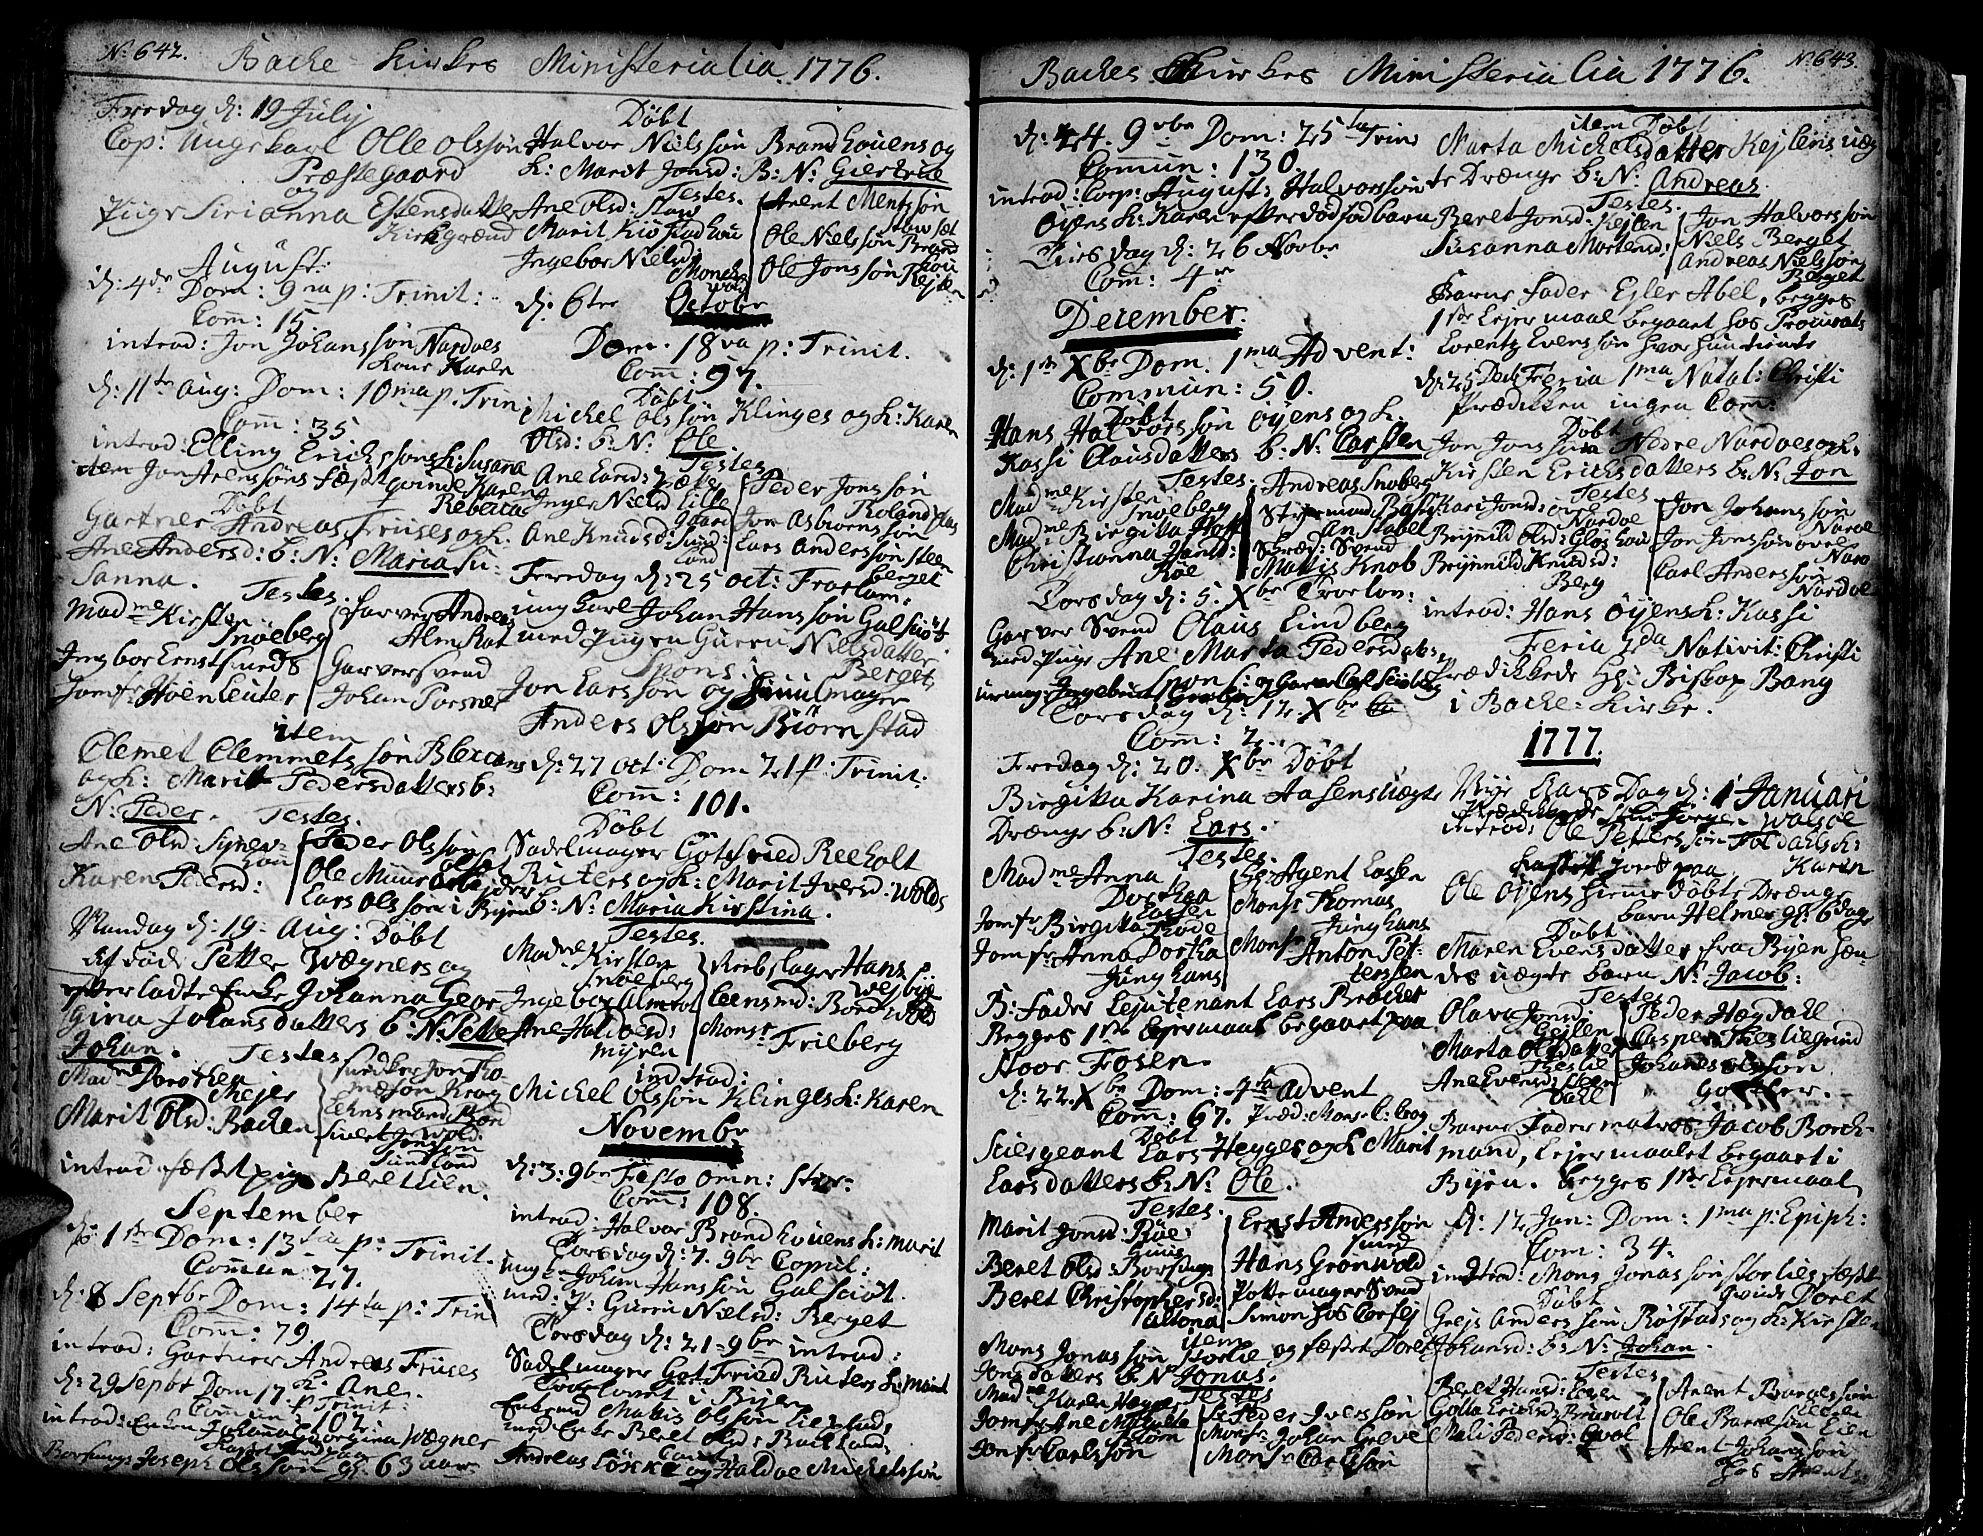 SAT, Ministerialprotokoller, klokkerbøker og fødselsregistre - Sør-Trøndelag, 606/L0276: Ministerialbok nr. 606A01 /2, 1727-1779, s. 642-643